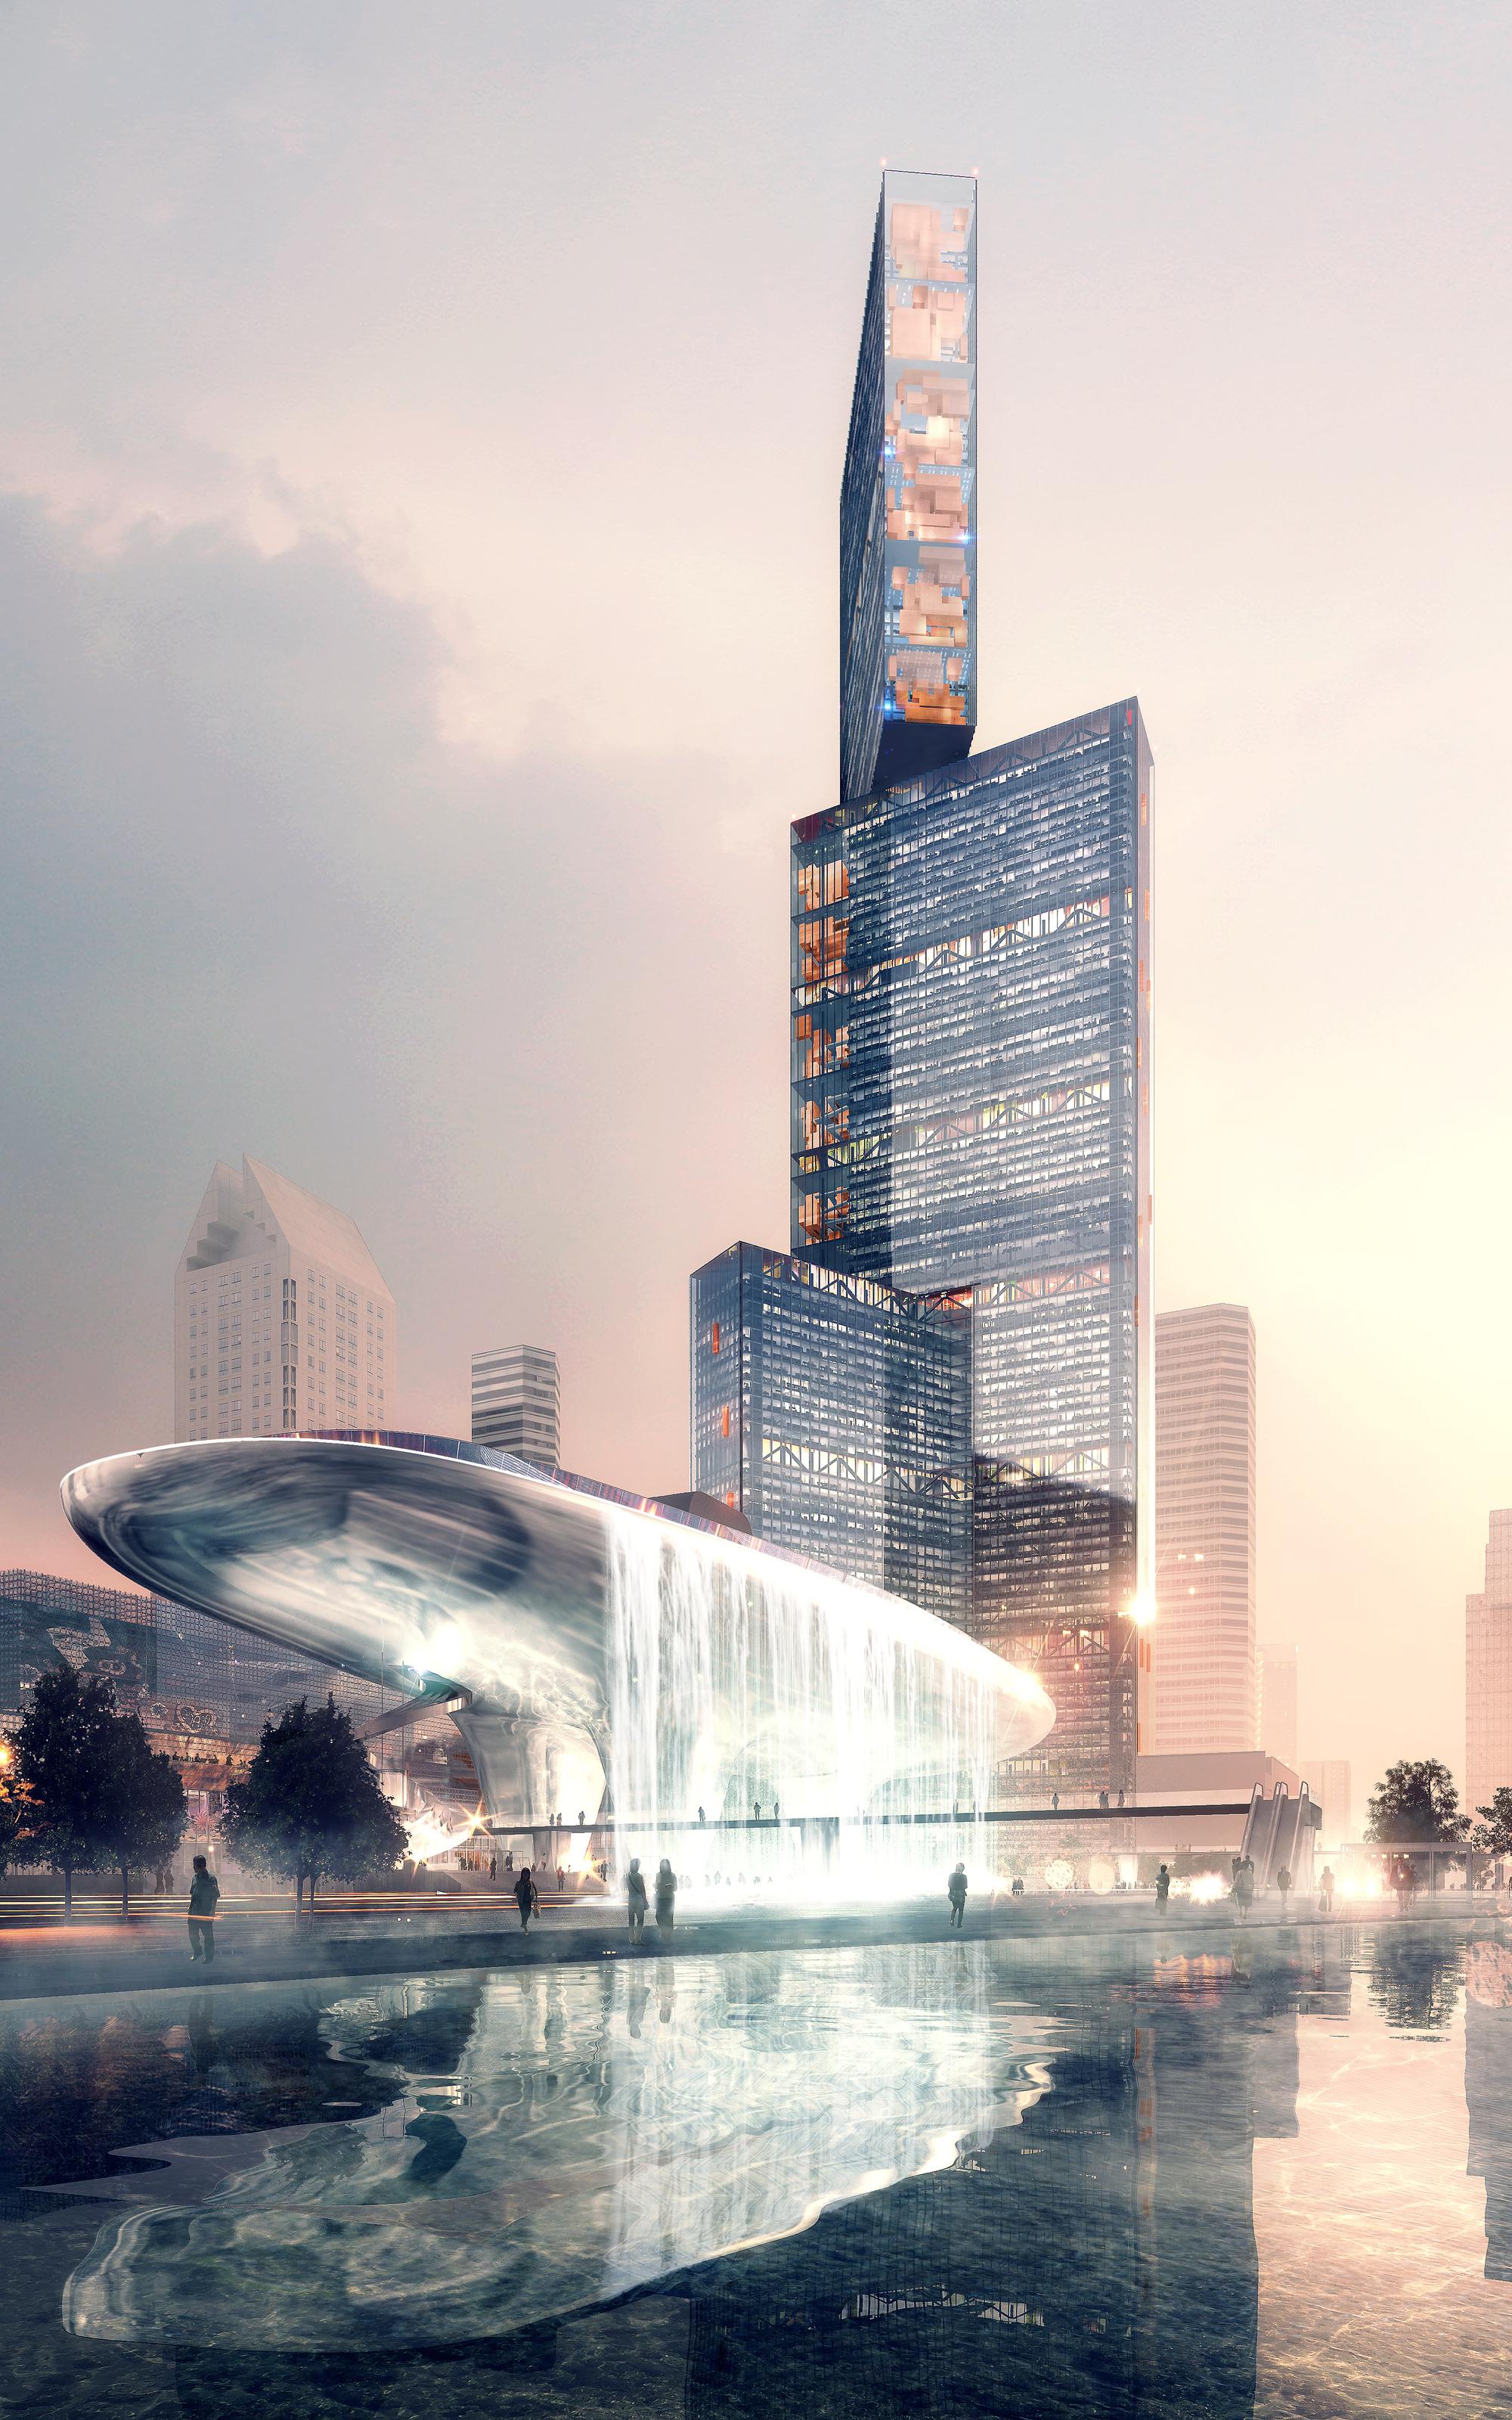 PLP diseñará el rascacielos más alto del delta del río Perla en China